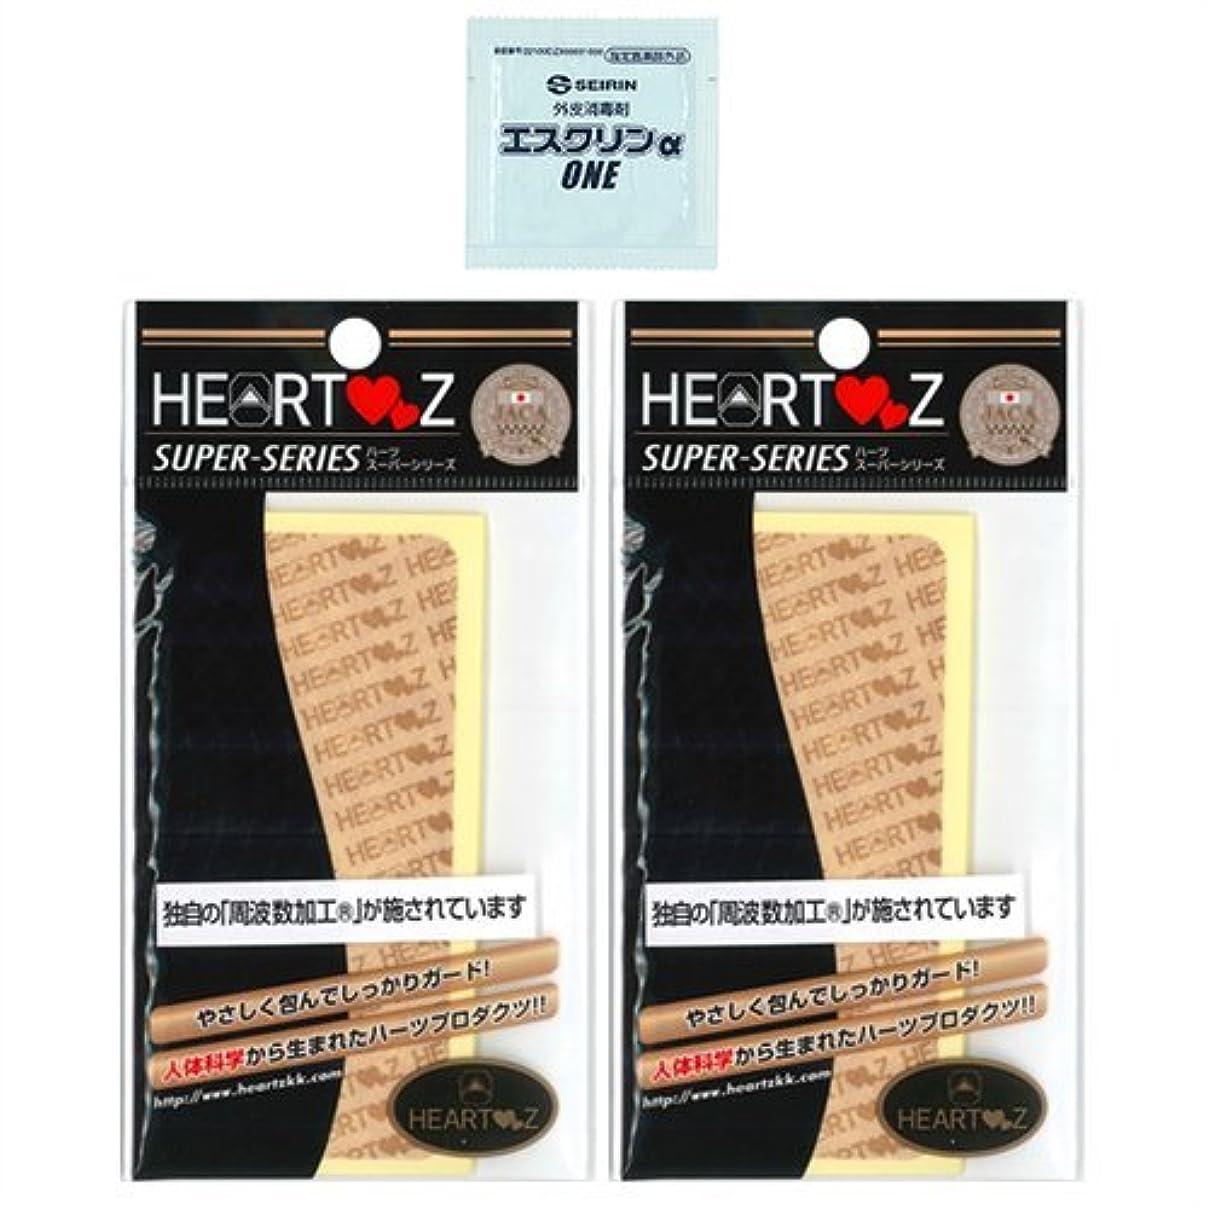 ブレース自伝について【HEARTZ(ハーツ)】ハーツスーパーシール ベタ貼りタイプ 8枚入×2個セット (計16枚) + エスクリンαONEx1個 セット